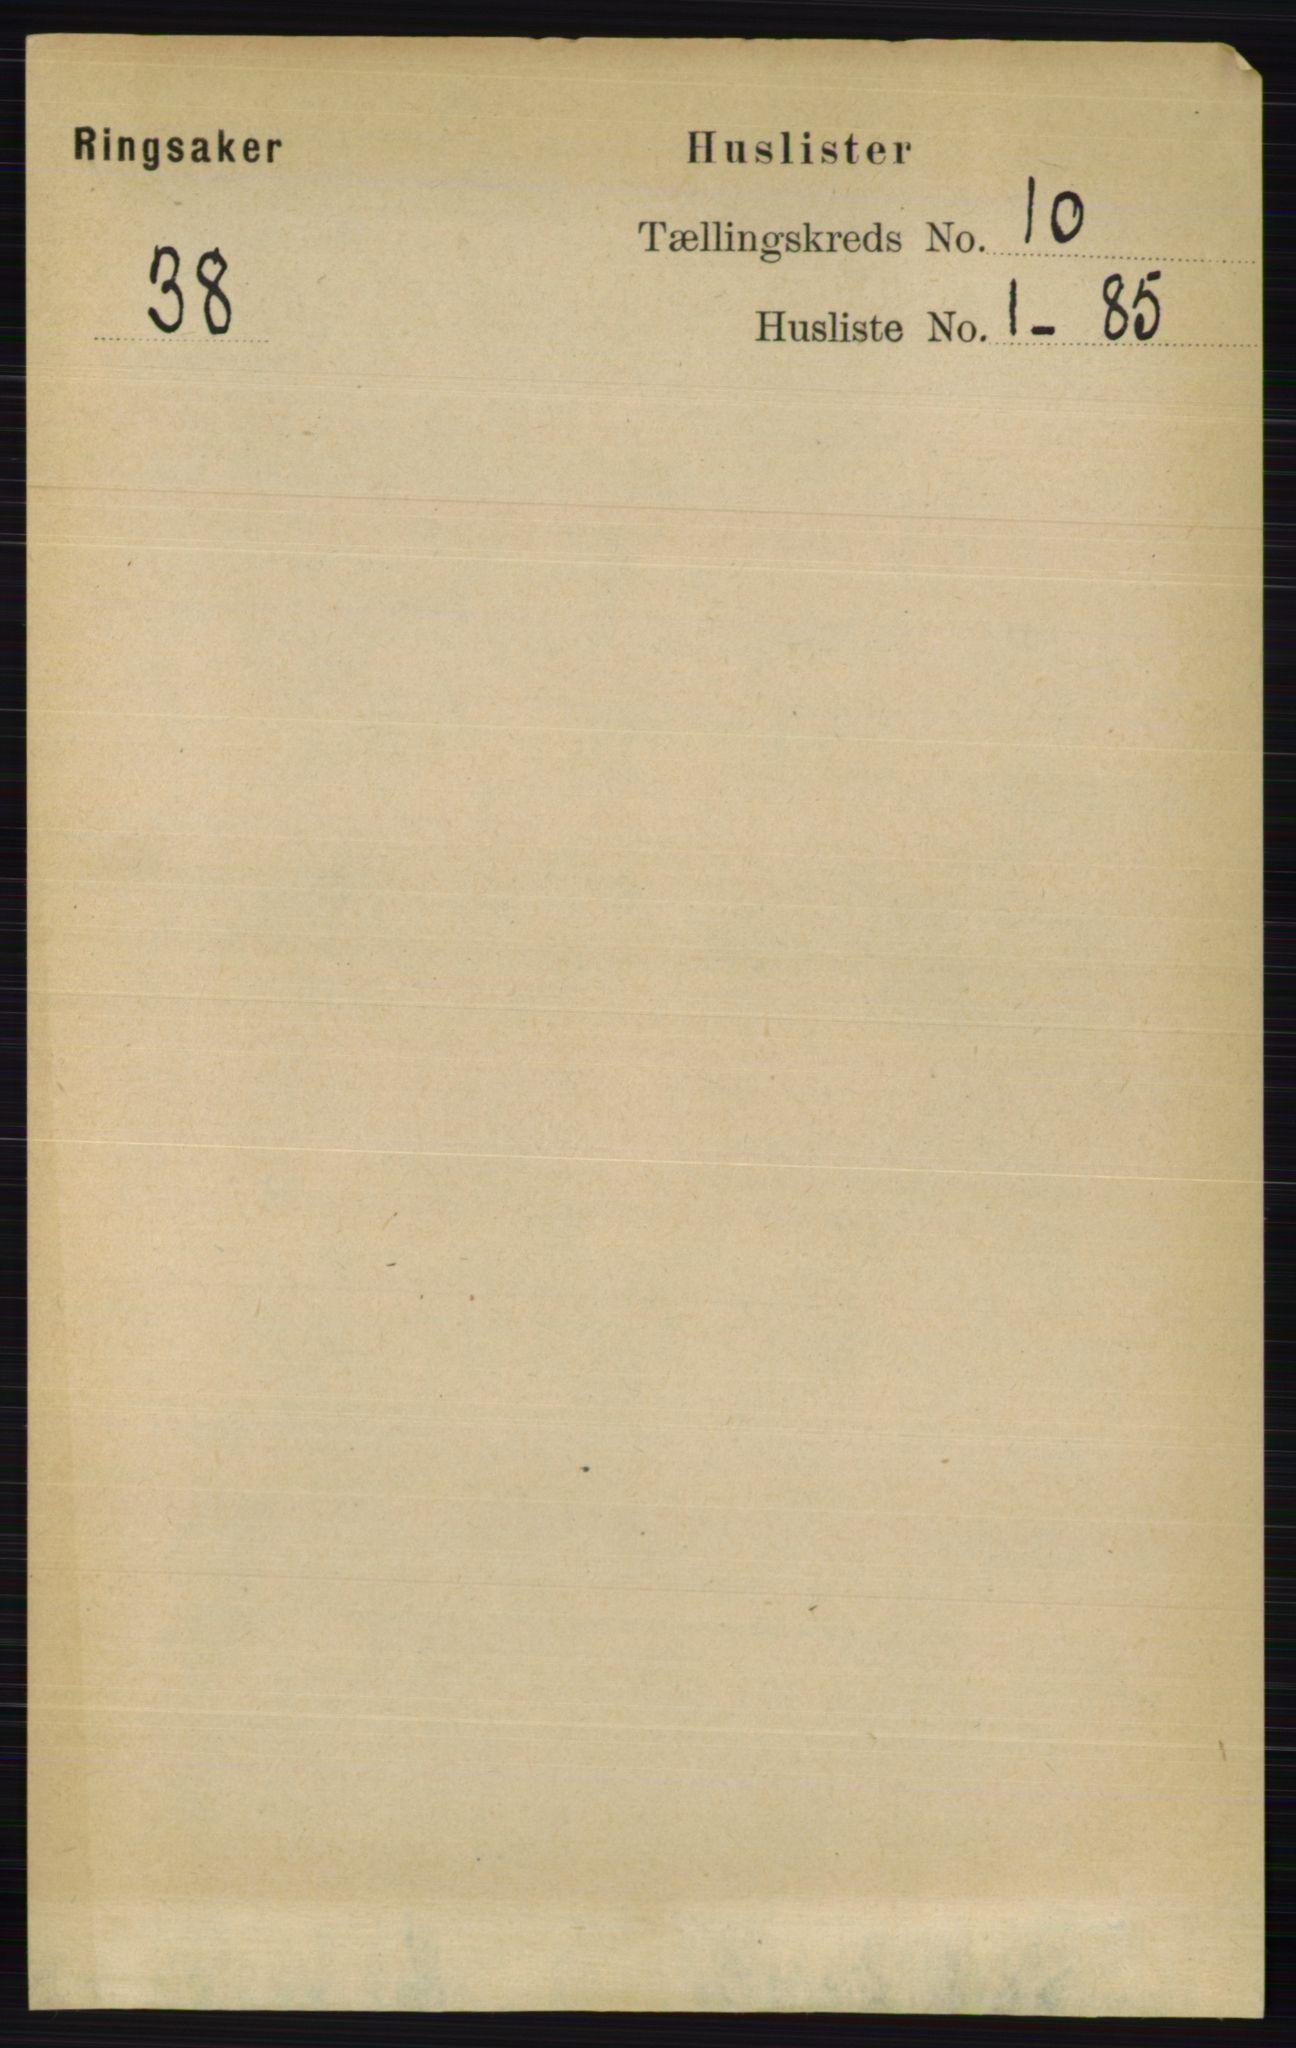 RA, Folketelling 1891 for 0412 Ringsaker herred, 1891, s. 5548